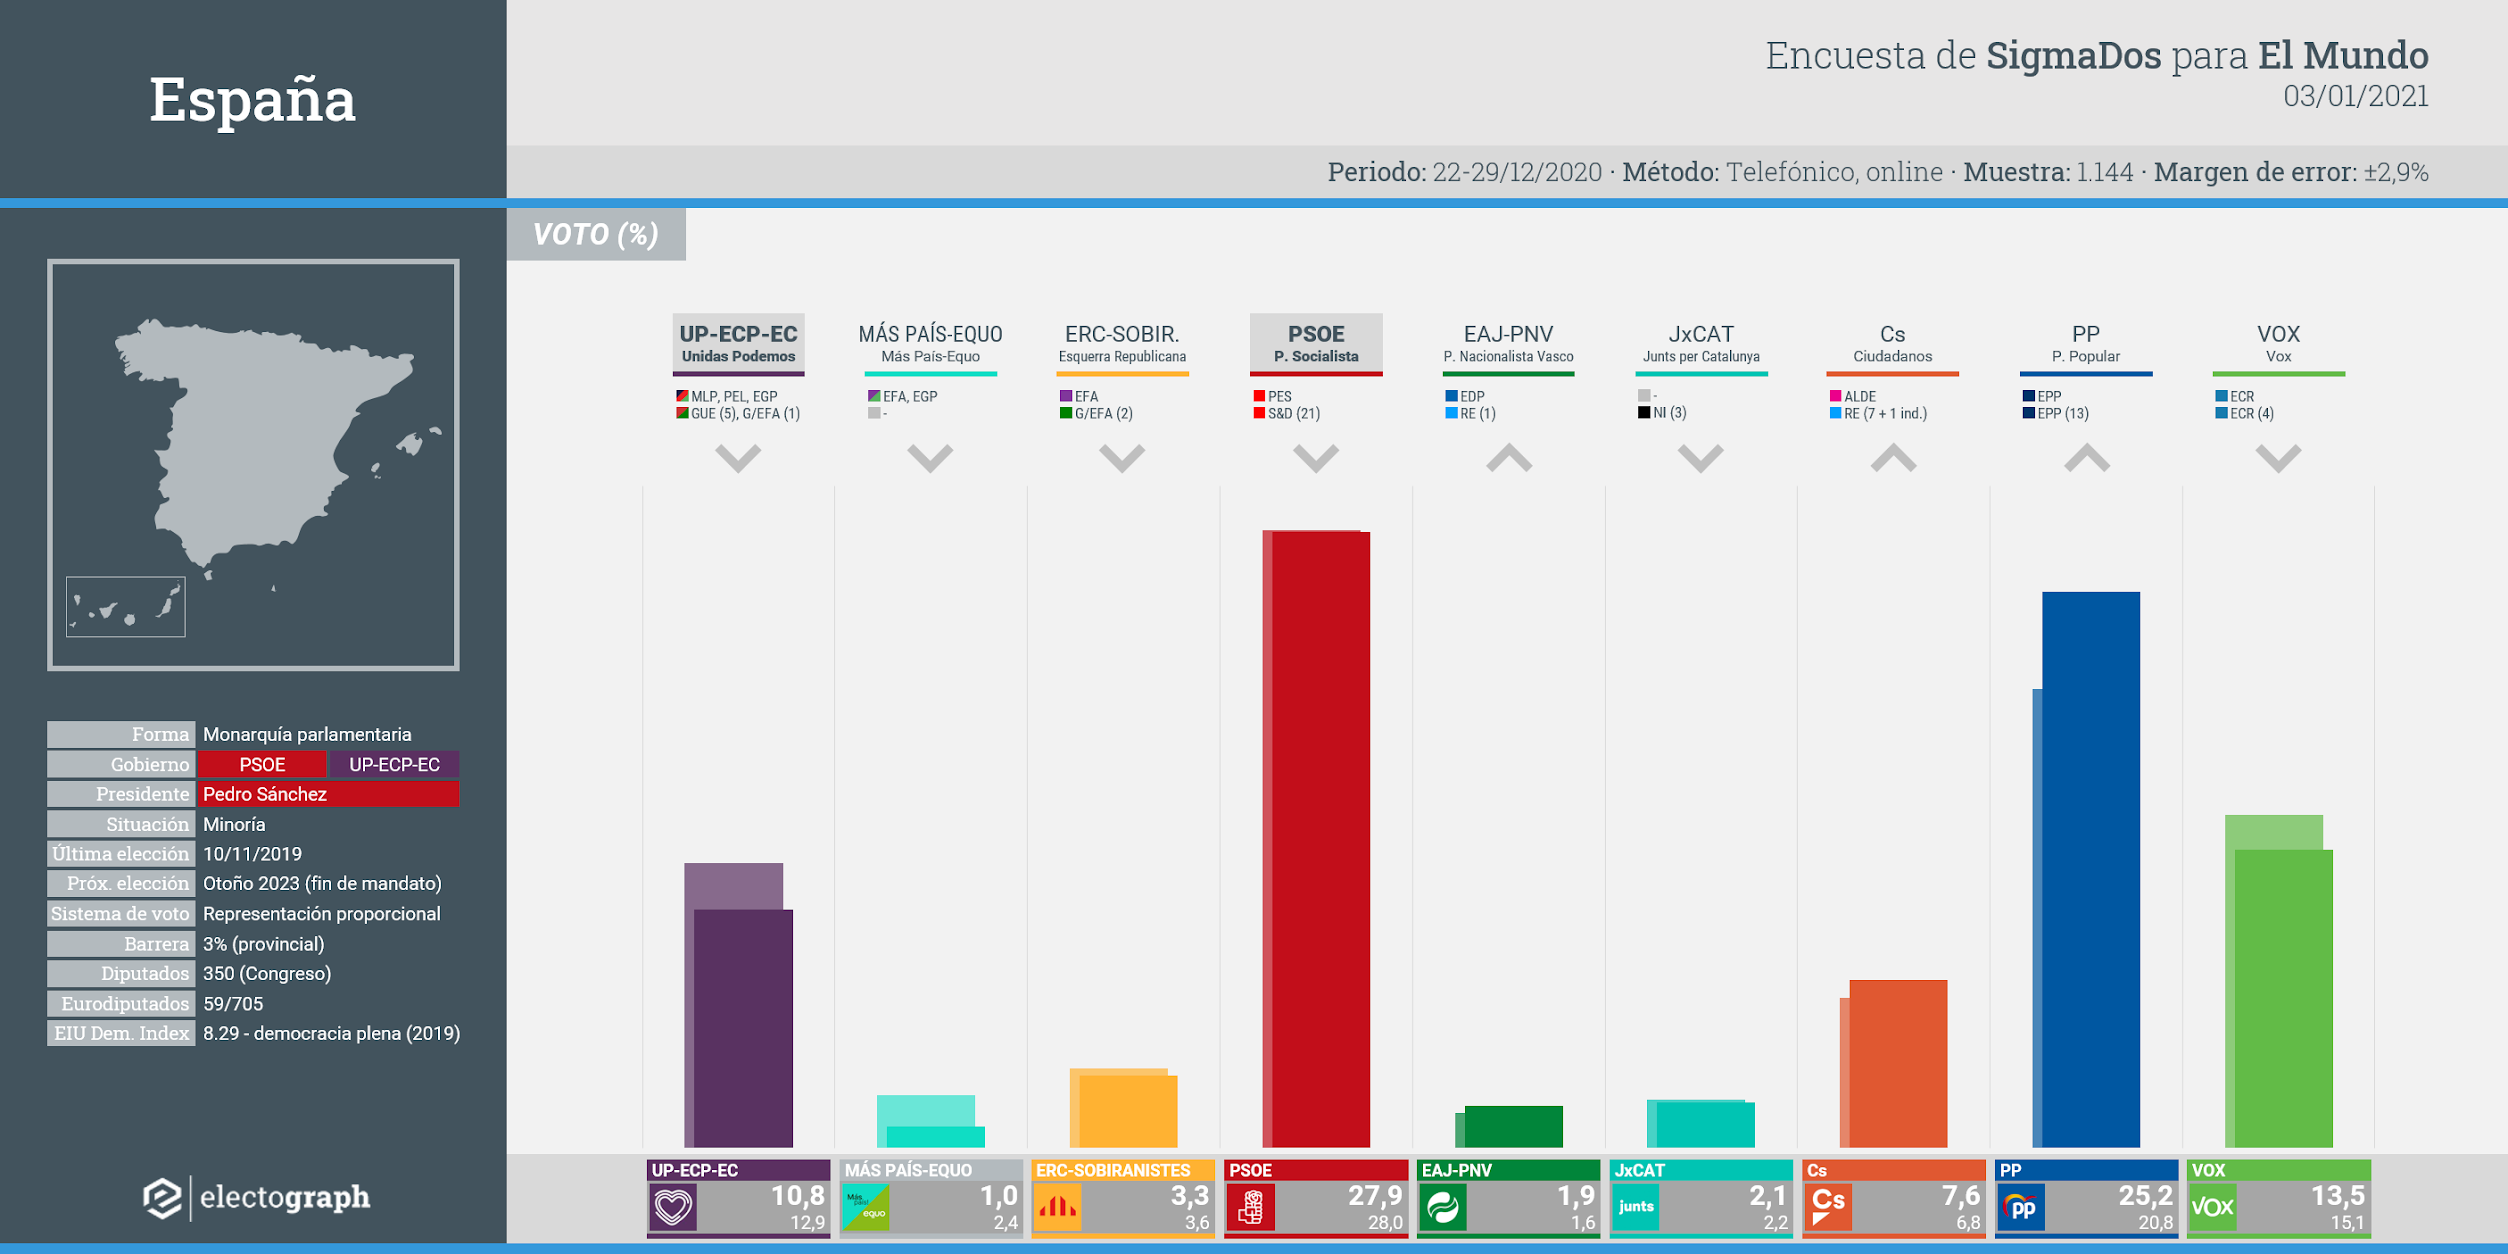 Gráfico de la encuesta para elecciones generales en España realizada por SigmaDos para El Mundo, 3 de enero de 2021